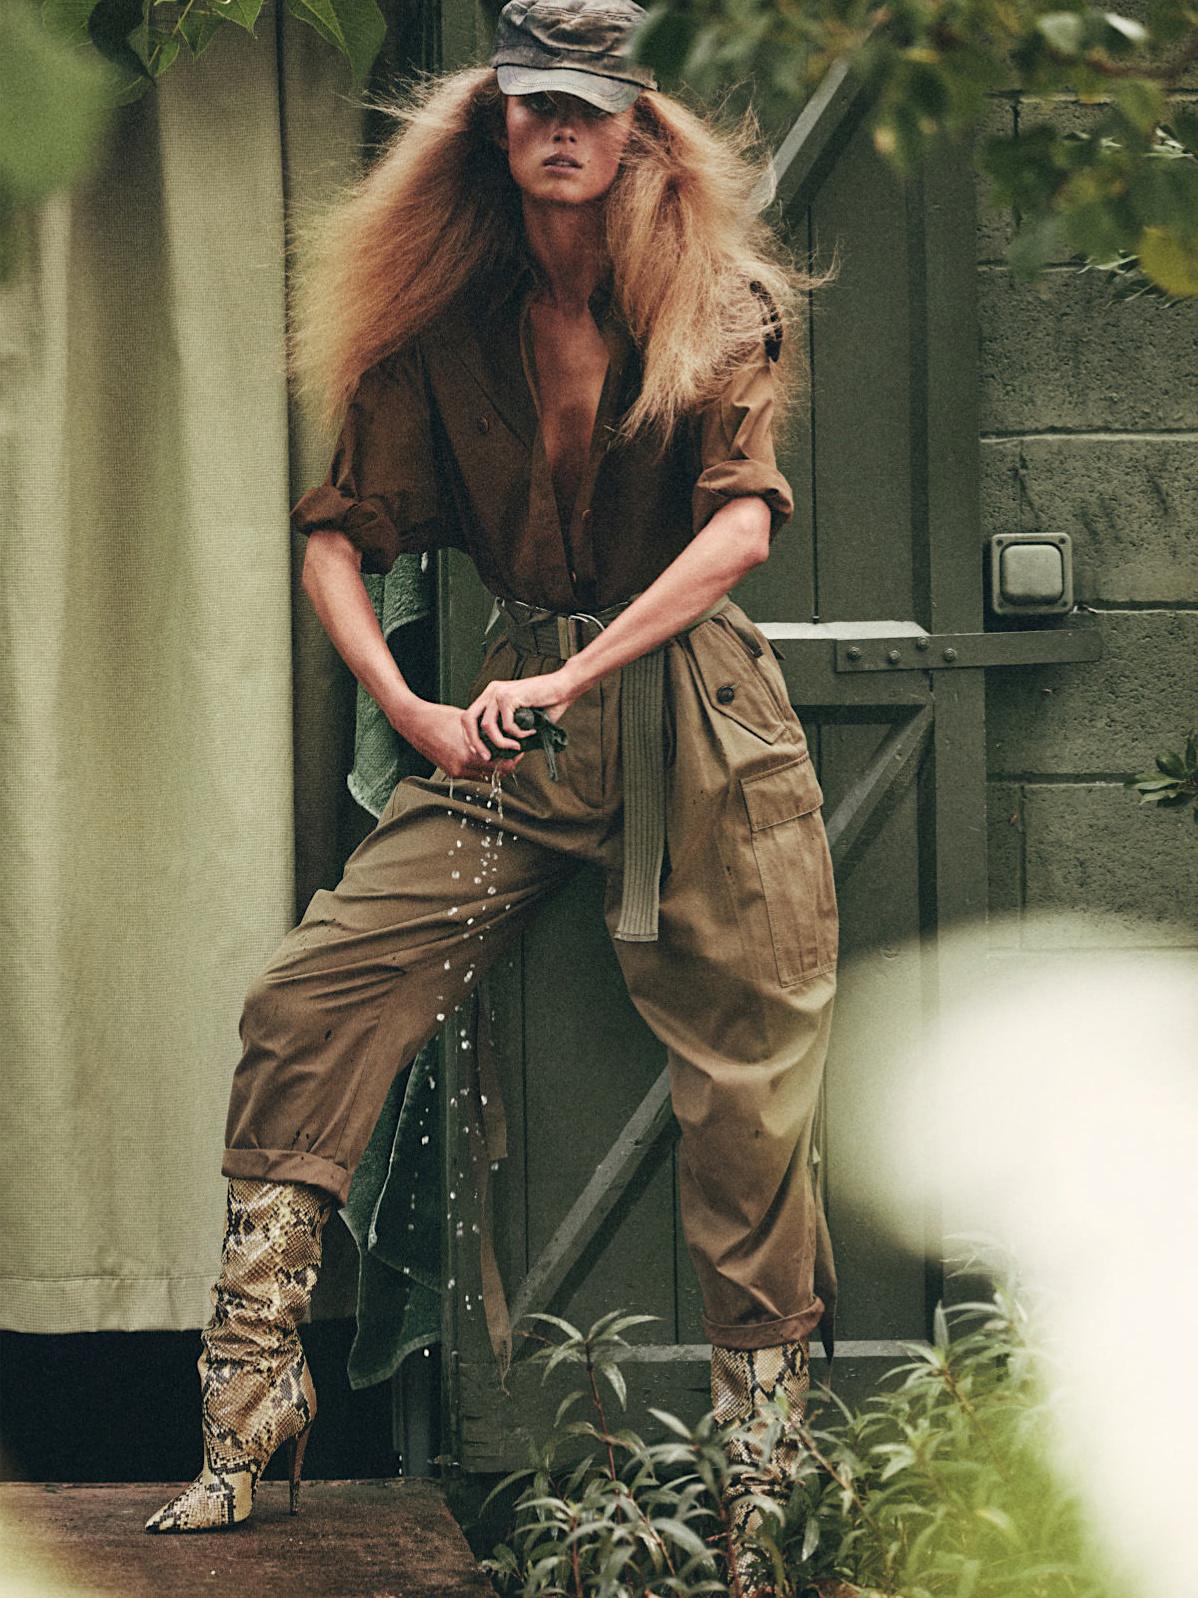 Rianne Van Rompaey by Mikael Jansson for Vogue Paris (3).jpg